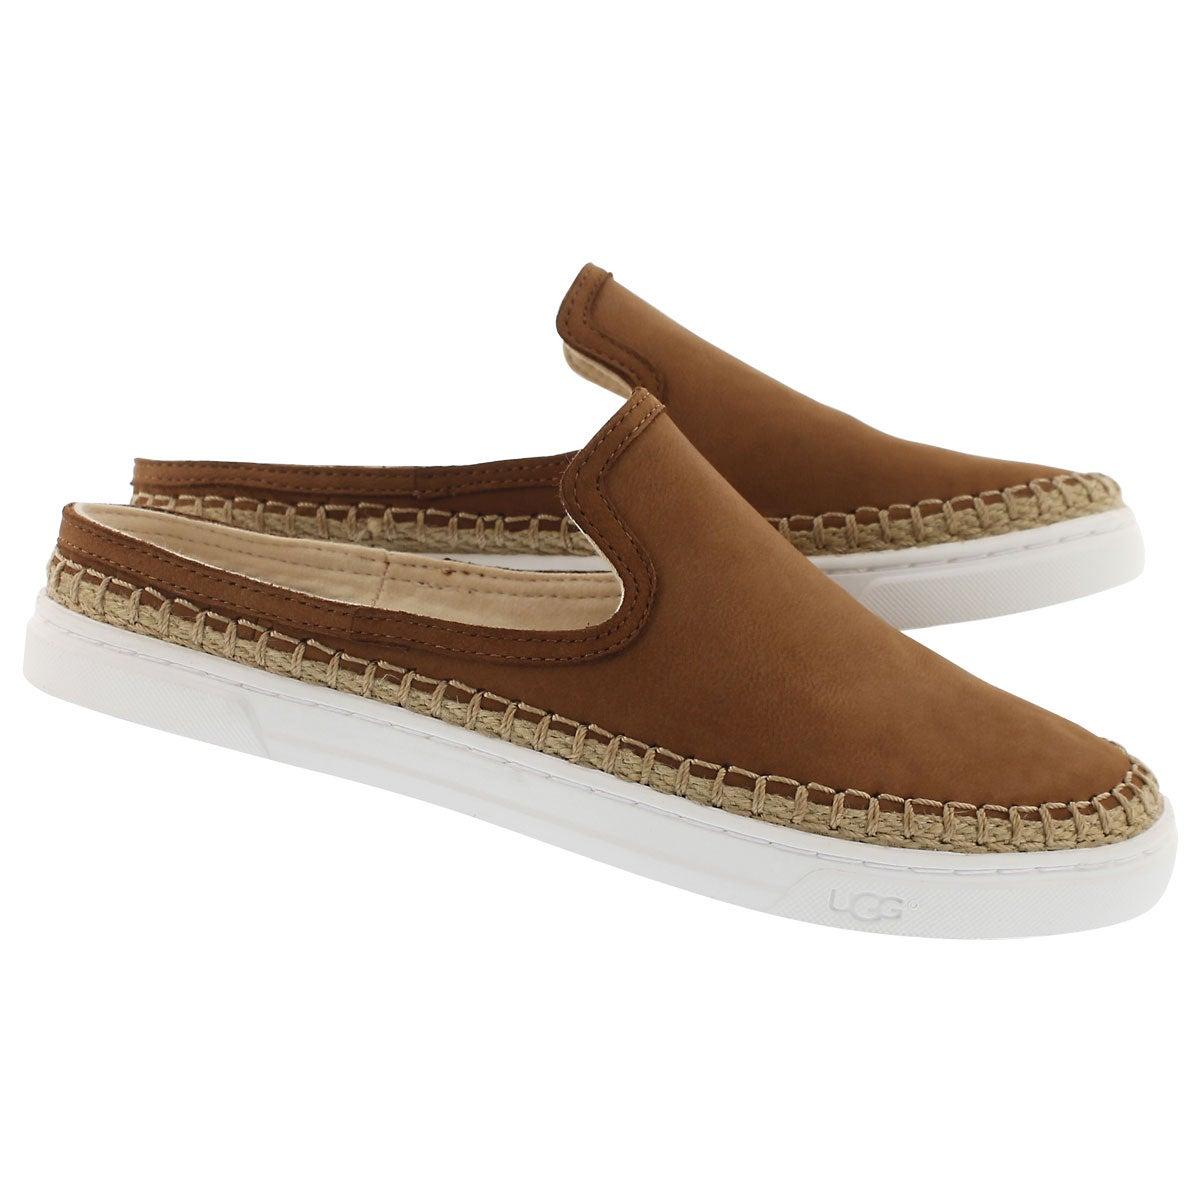 Lds Caleel chestnut open back loafer